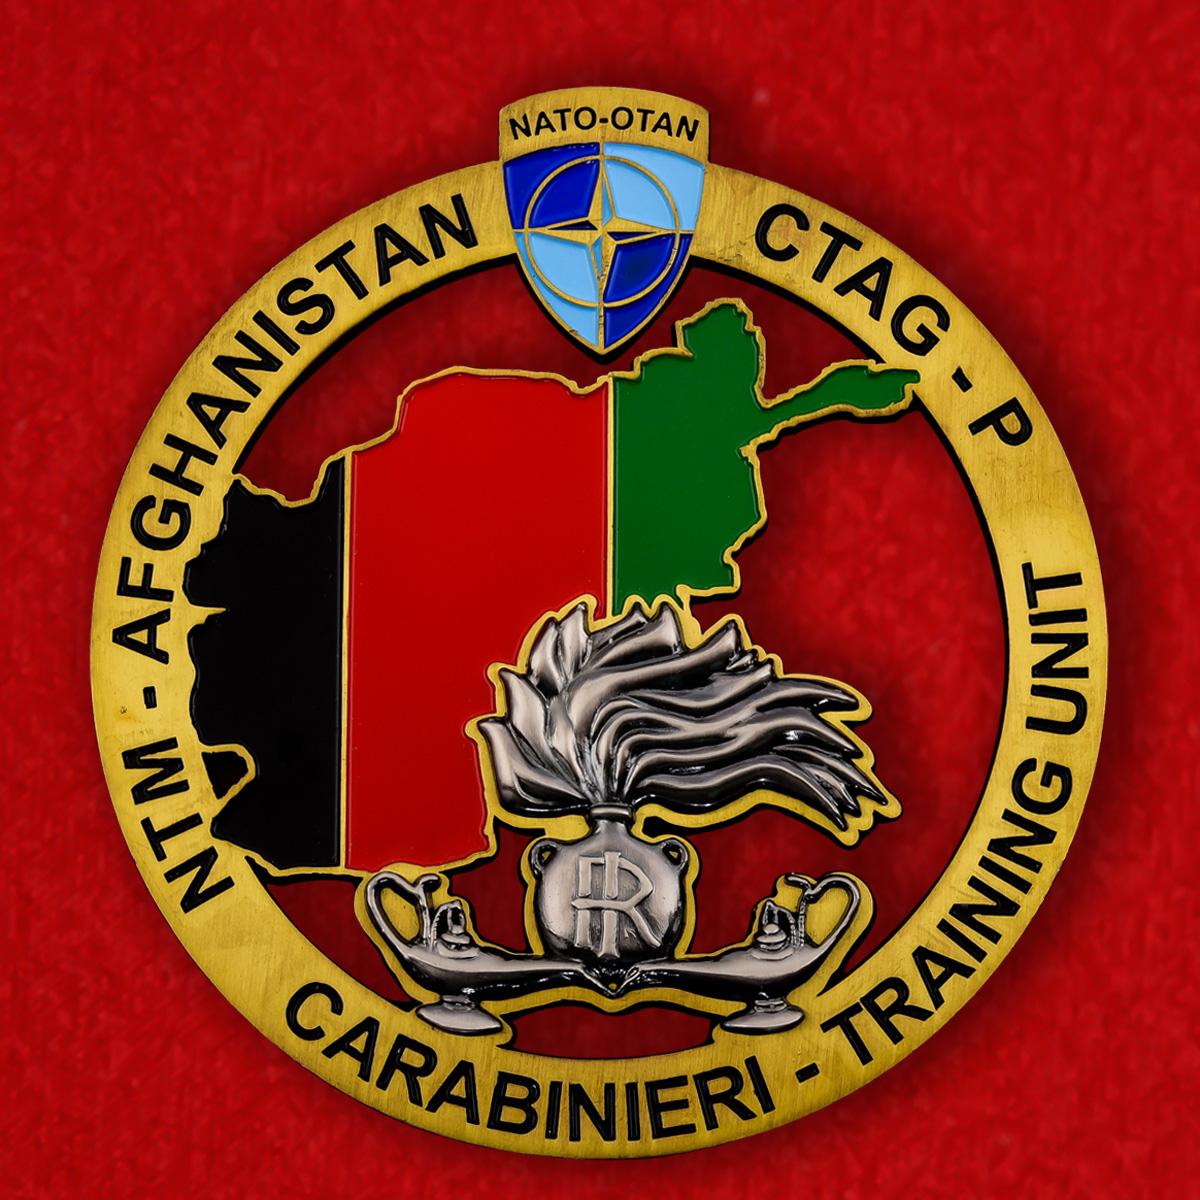 Знак итальянских карабинеров в составе учебной миссии НАТО в Афганистане 11.2 х 12 см